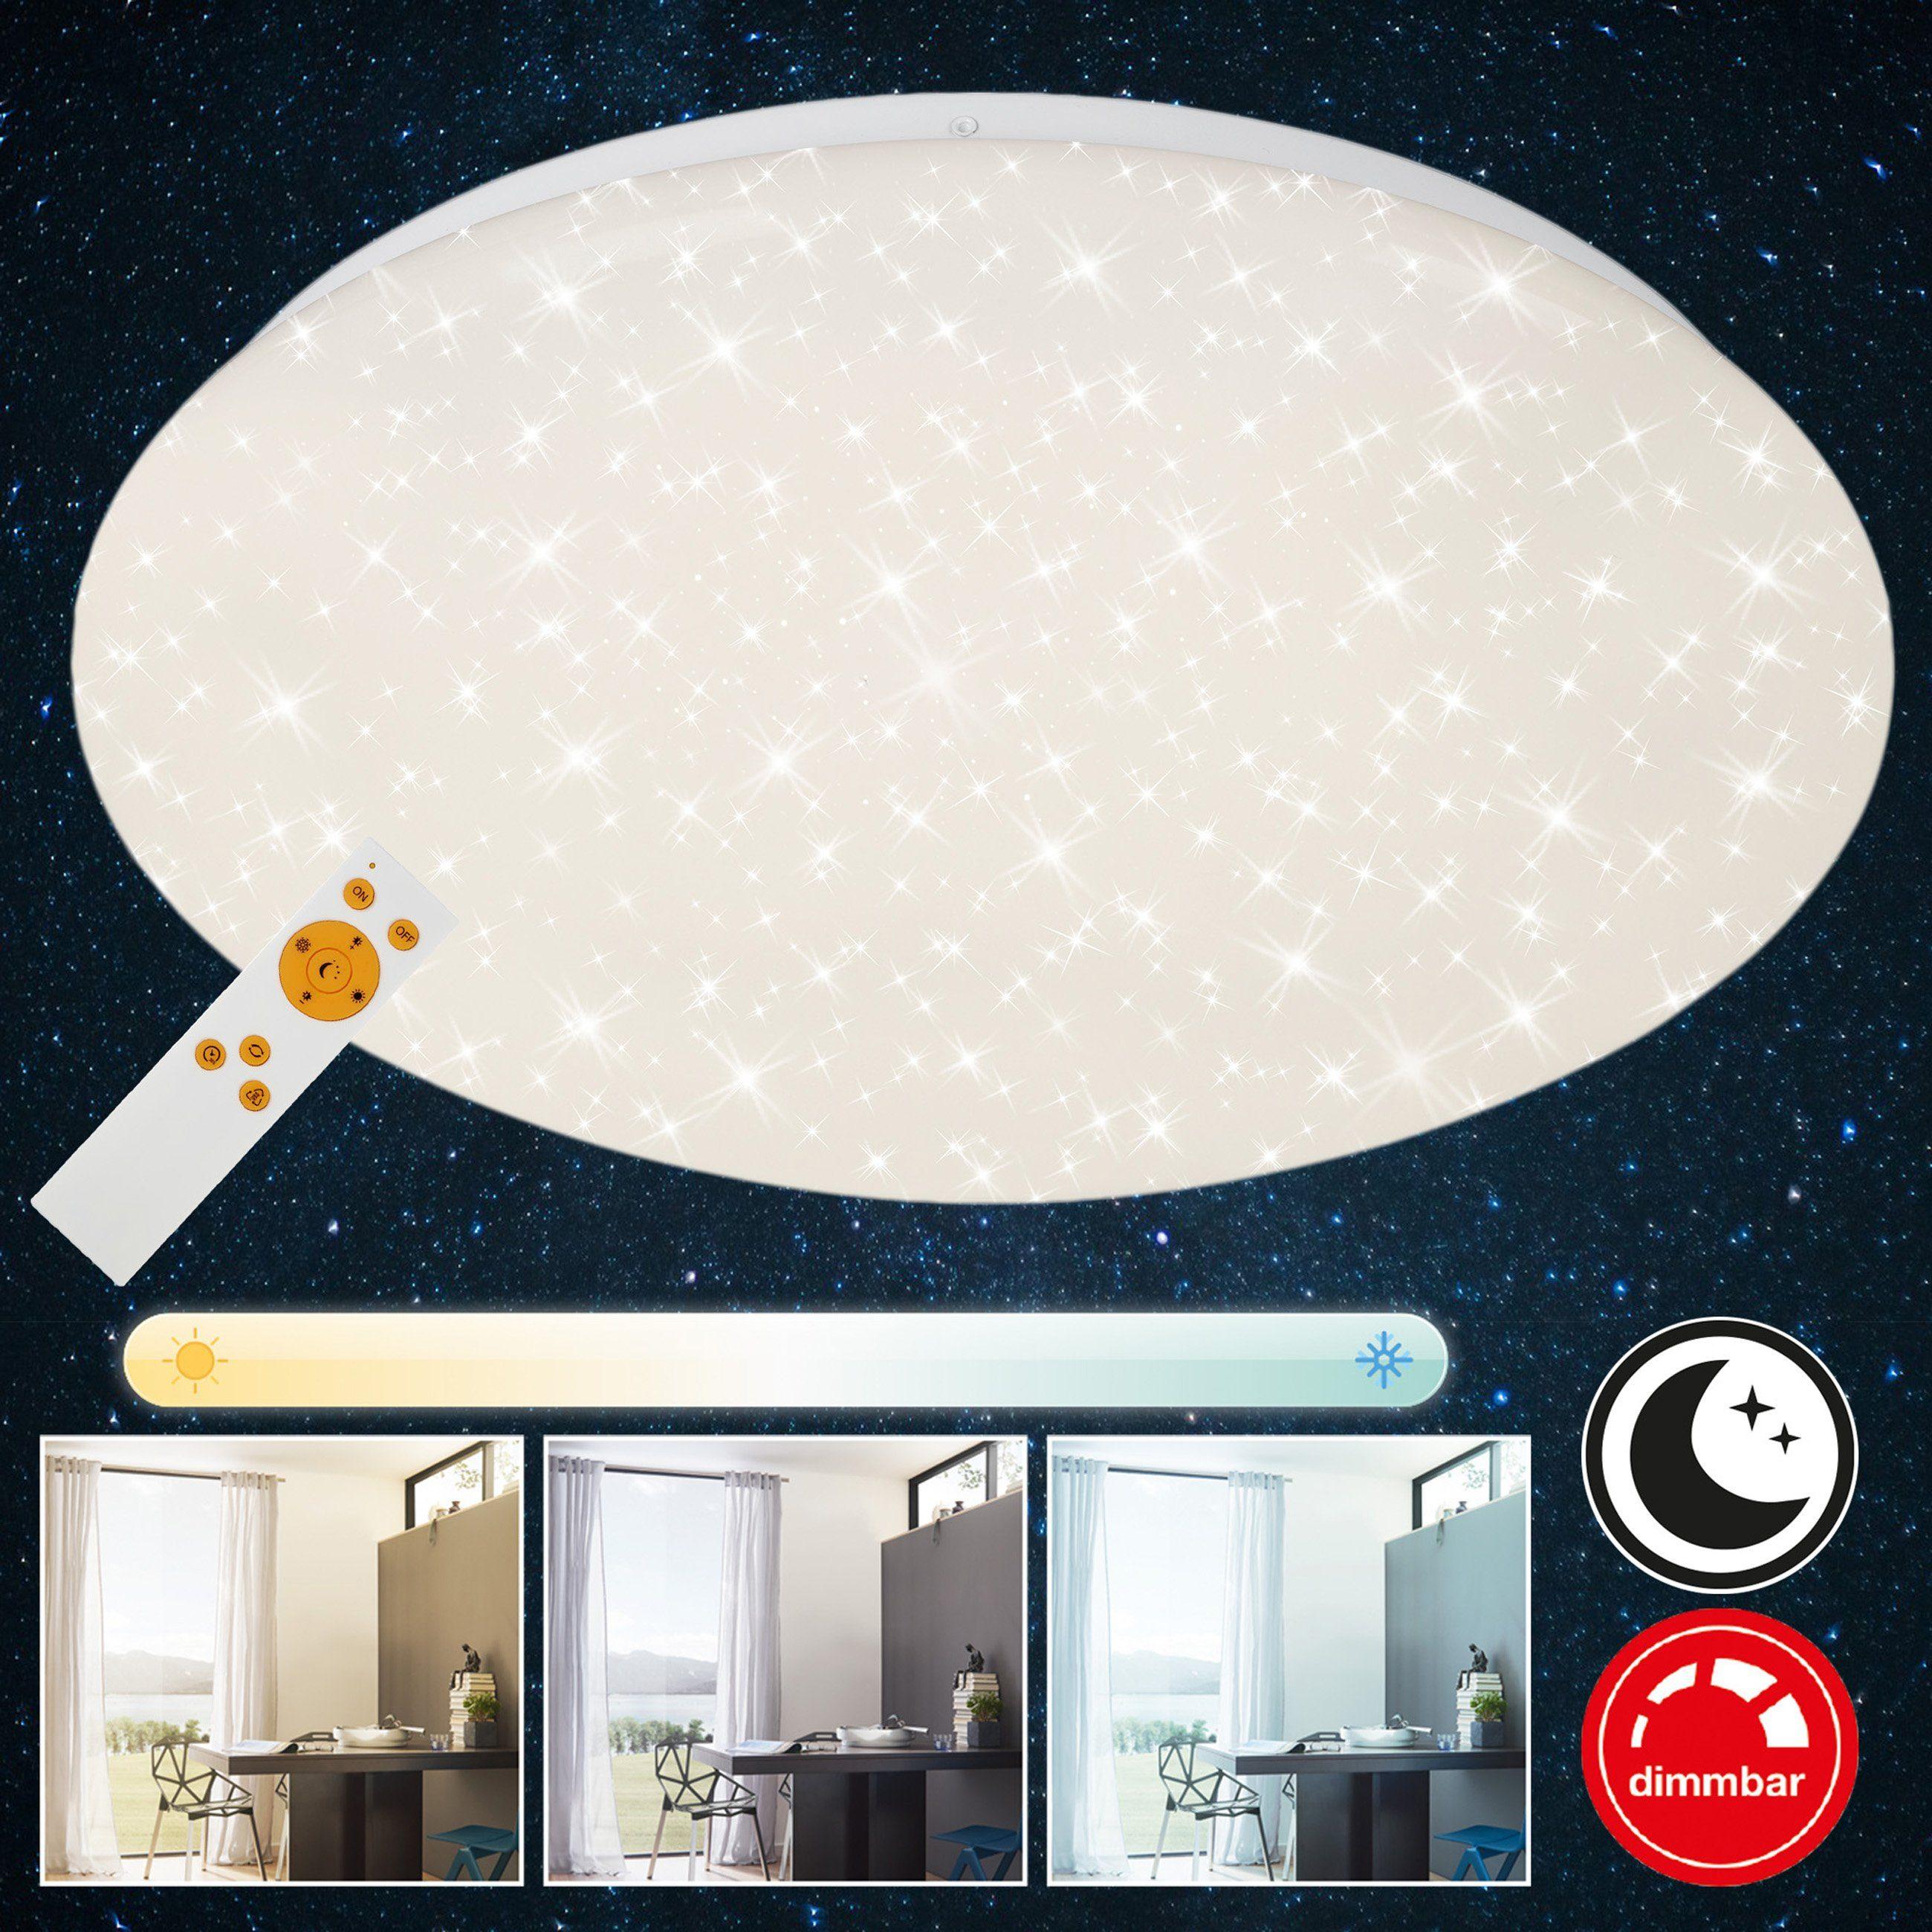 Briloner Leuchten LED Deckenleuchte »Luna«, 1-flammig, Sternenhimmel dimmbar, Nachtlichtfunktion, Ø 39cm